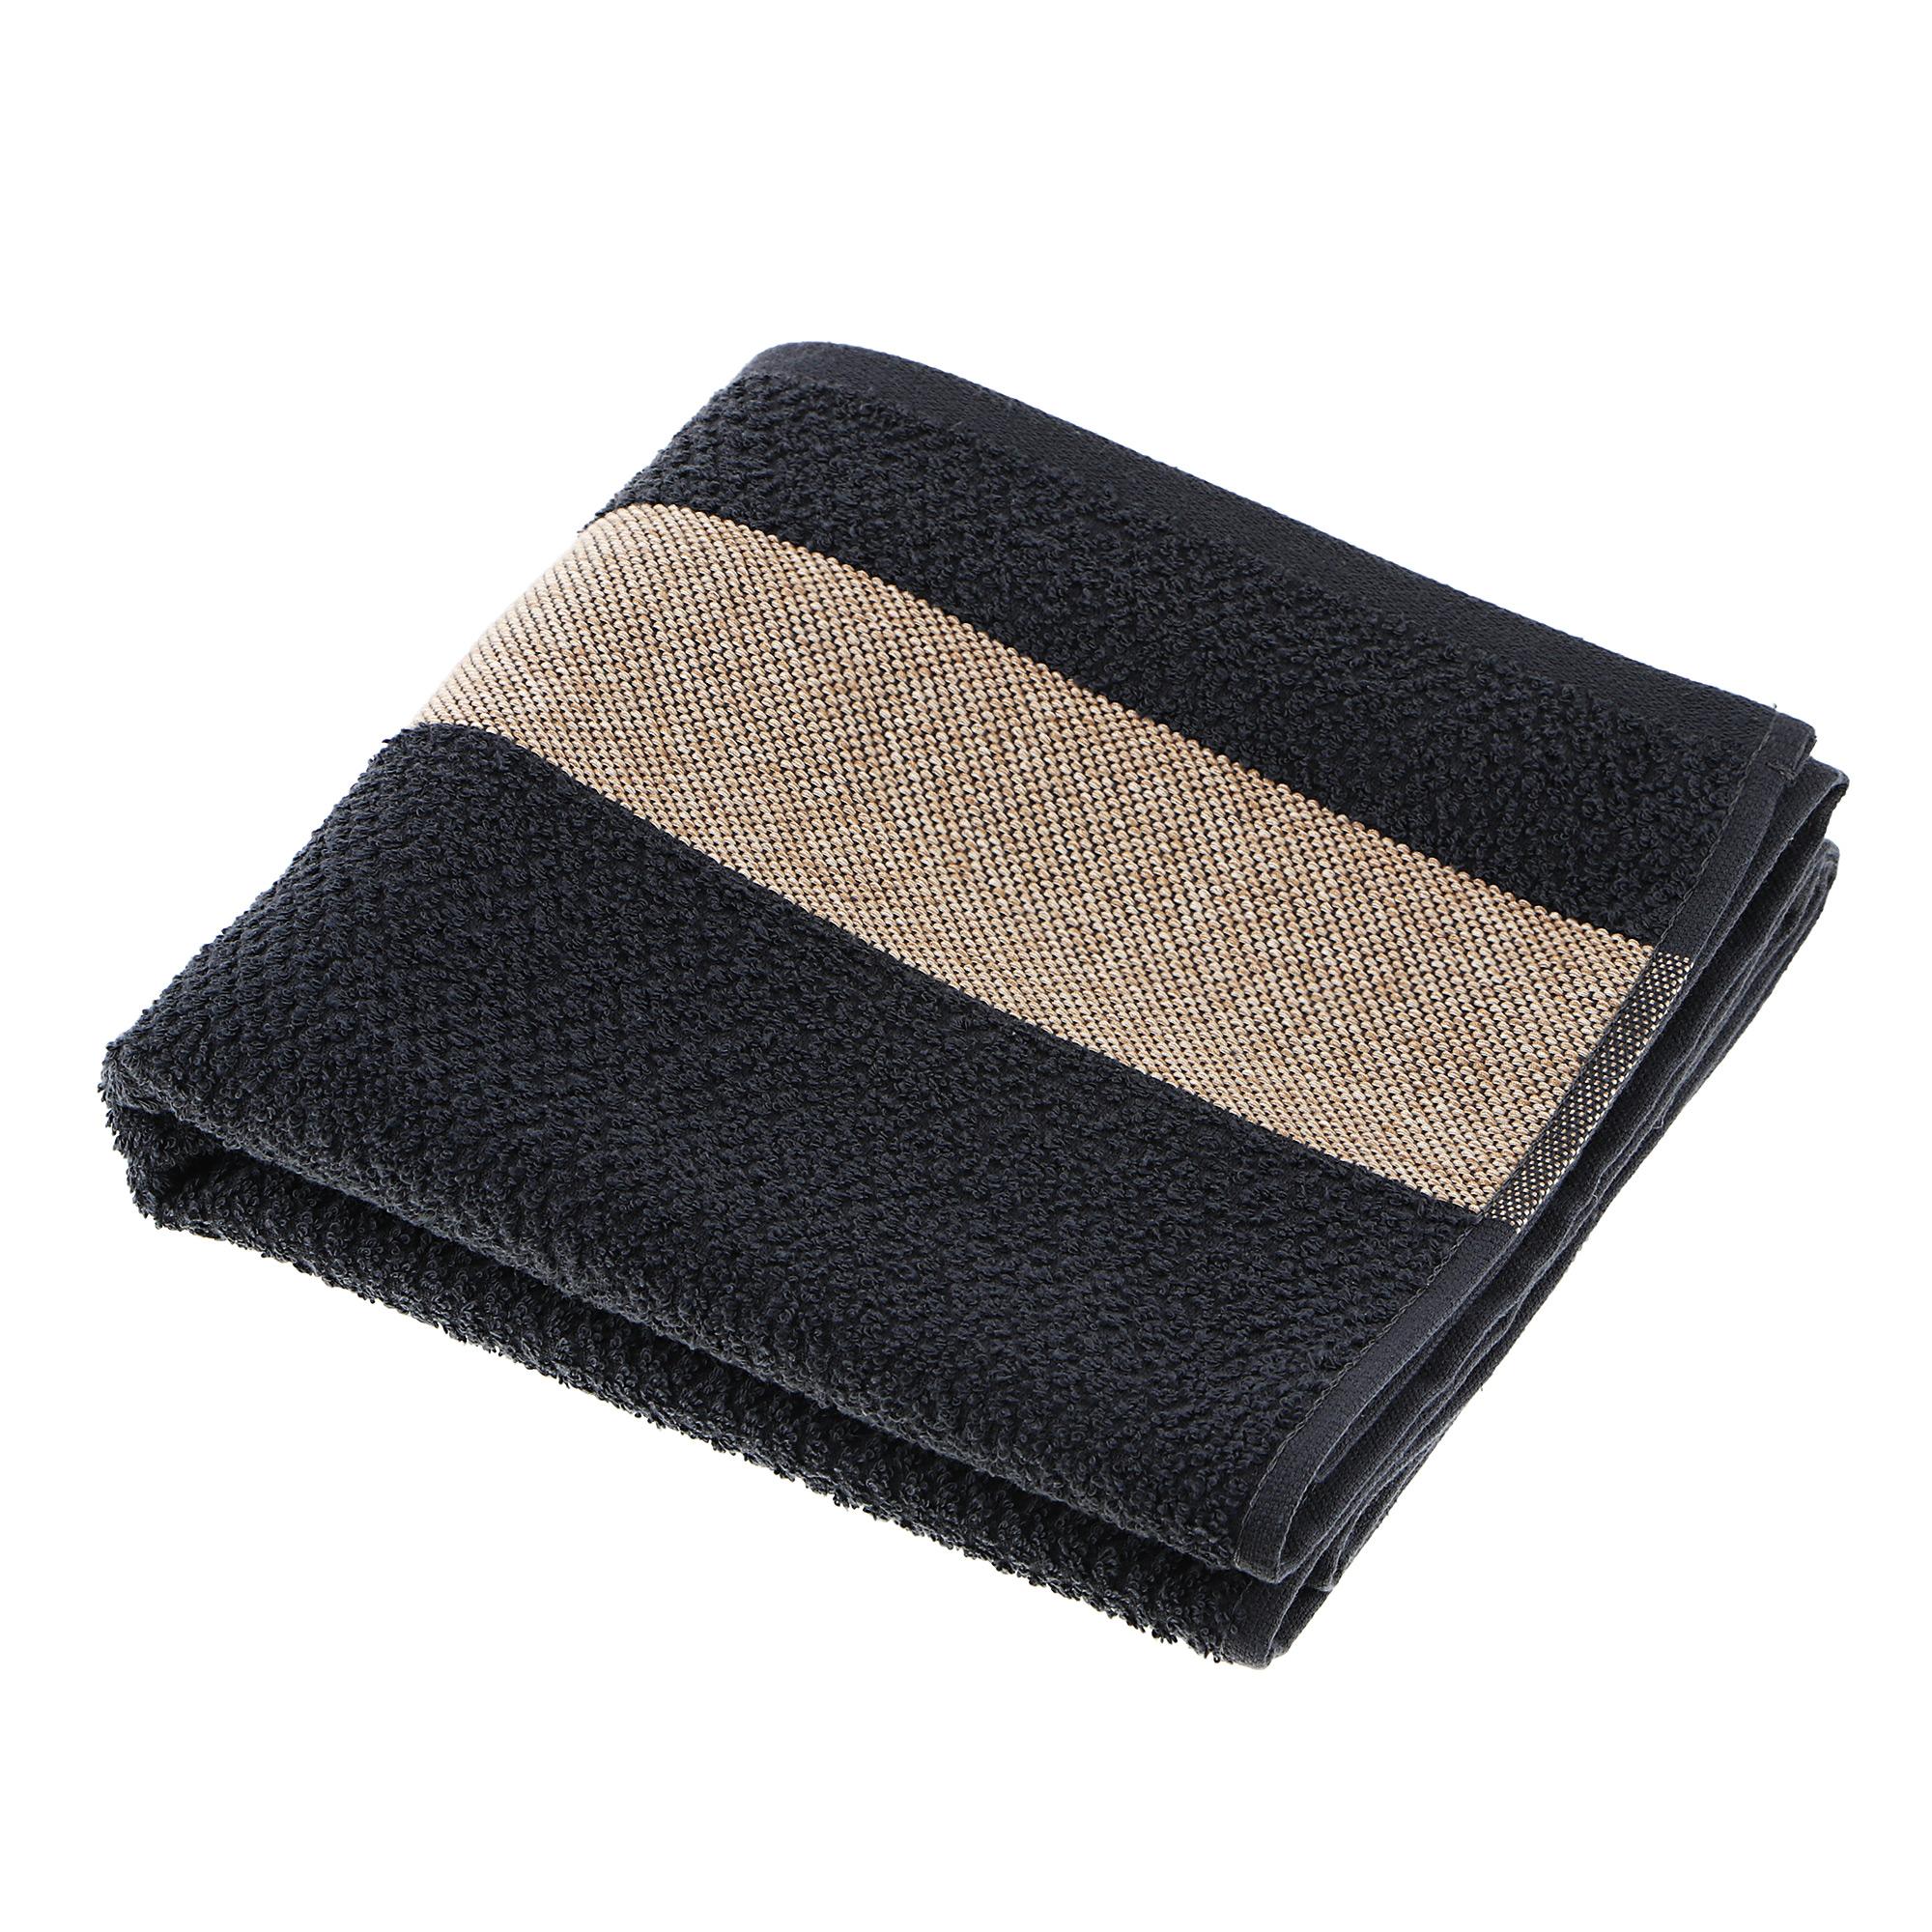 Полотенце махровое Asil woody 70x140 black полотенце двустороннее asil powder 70x140 см